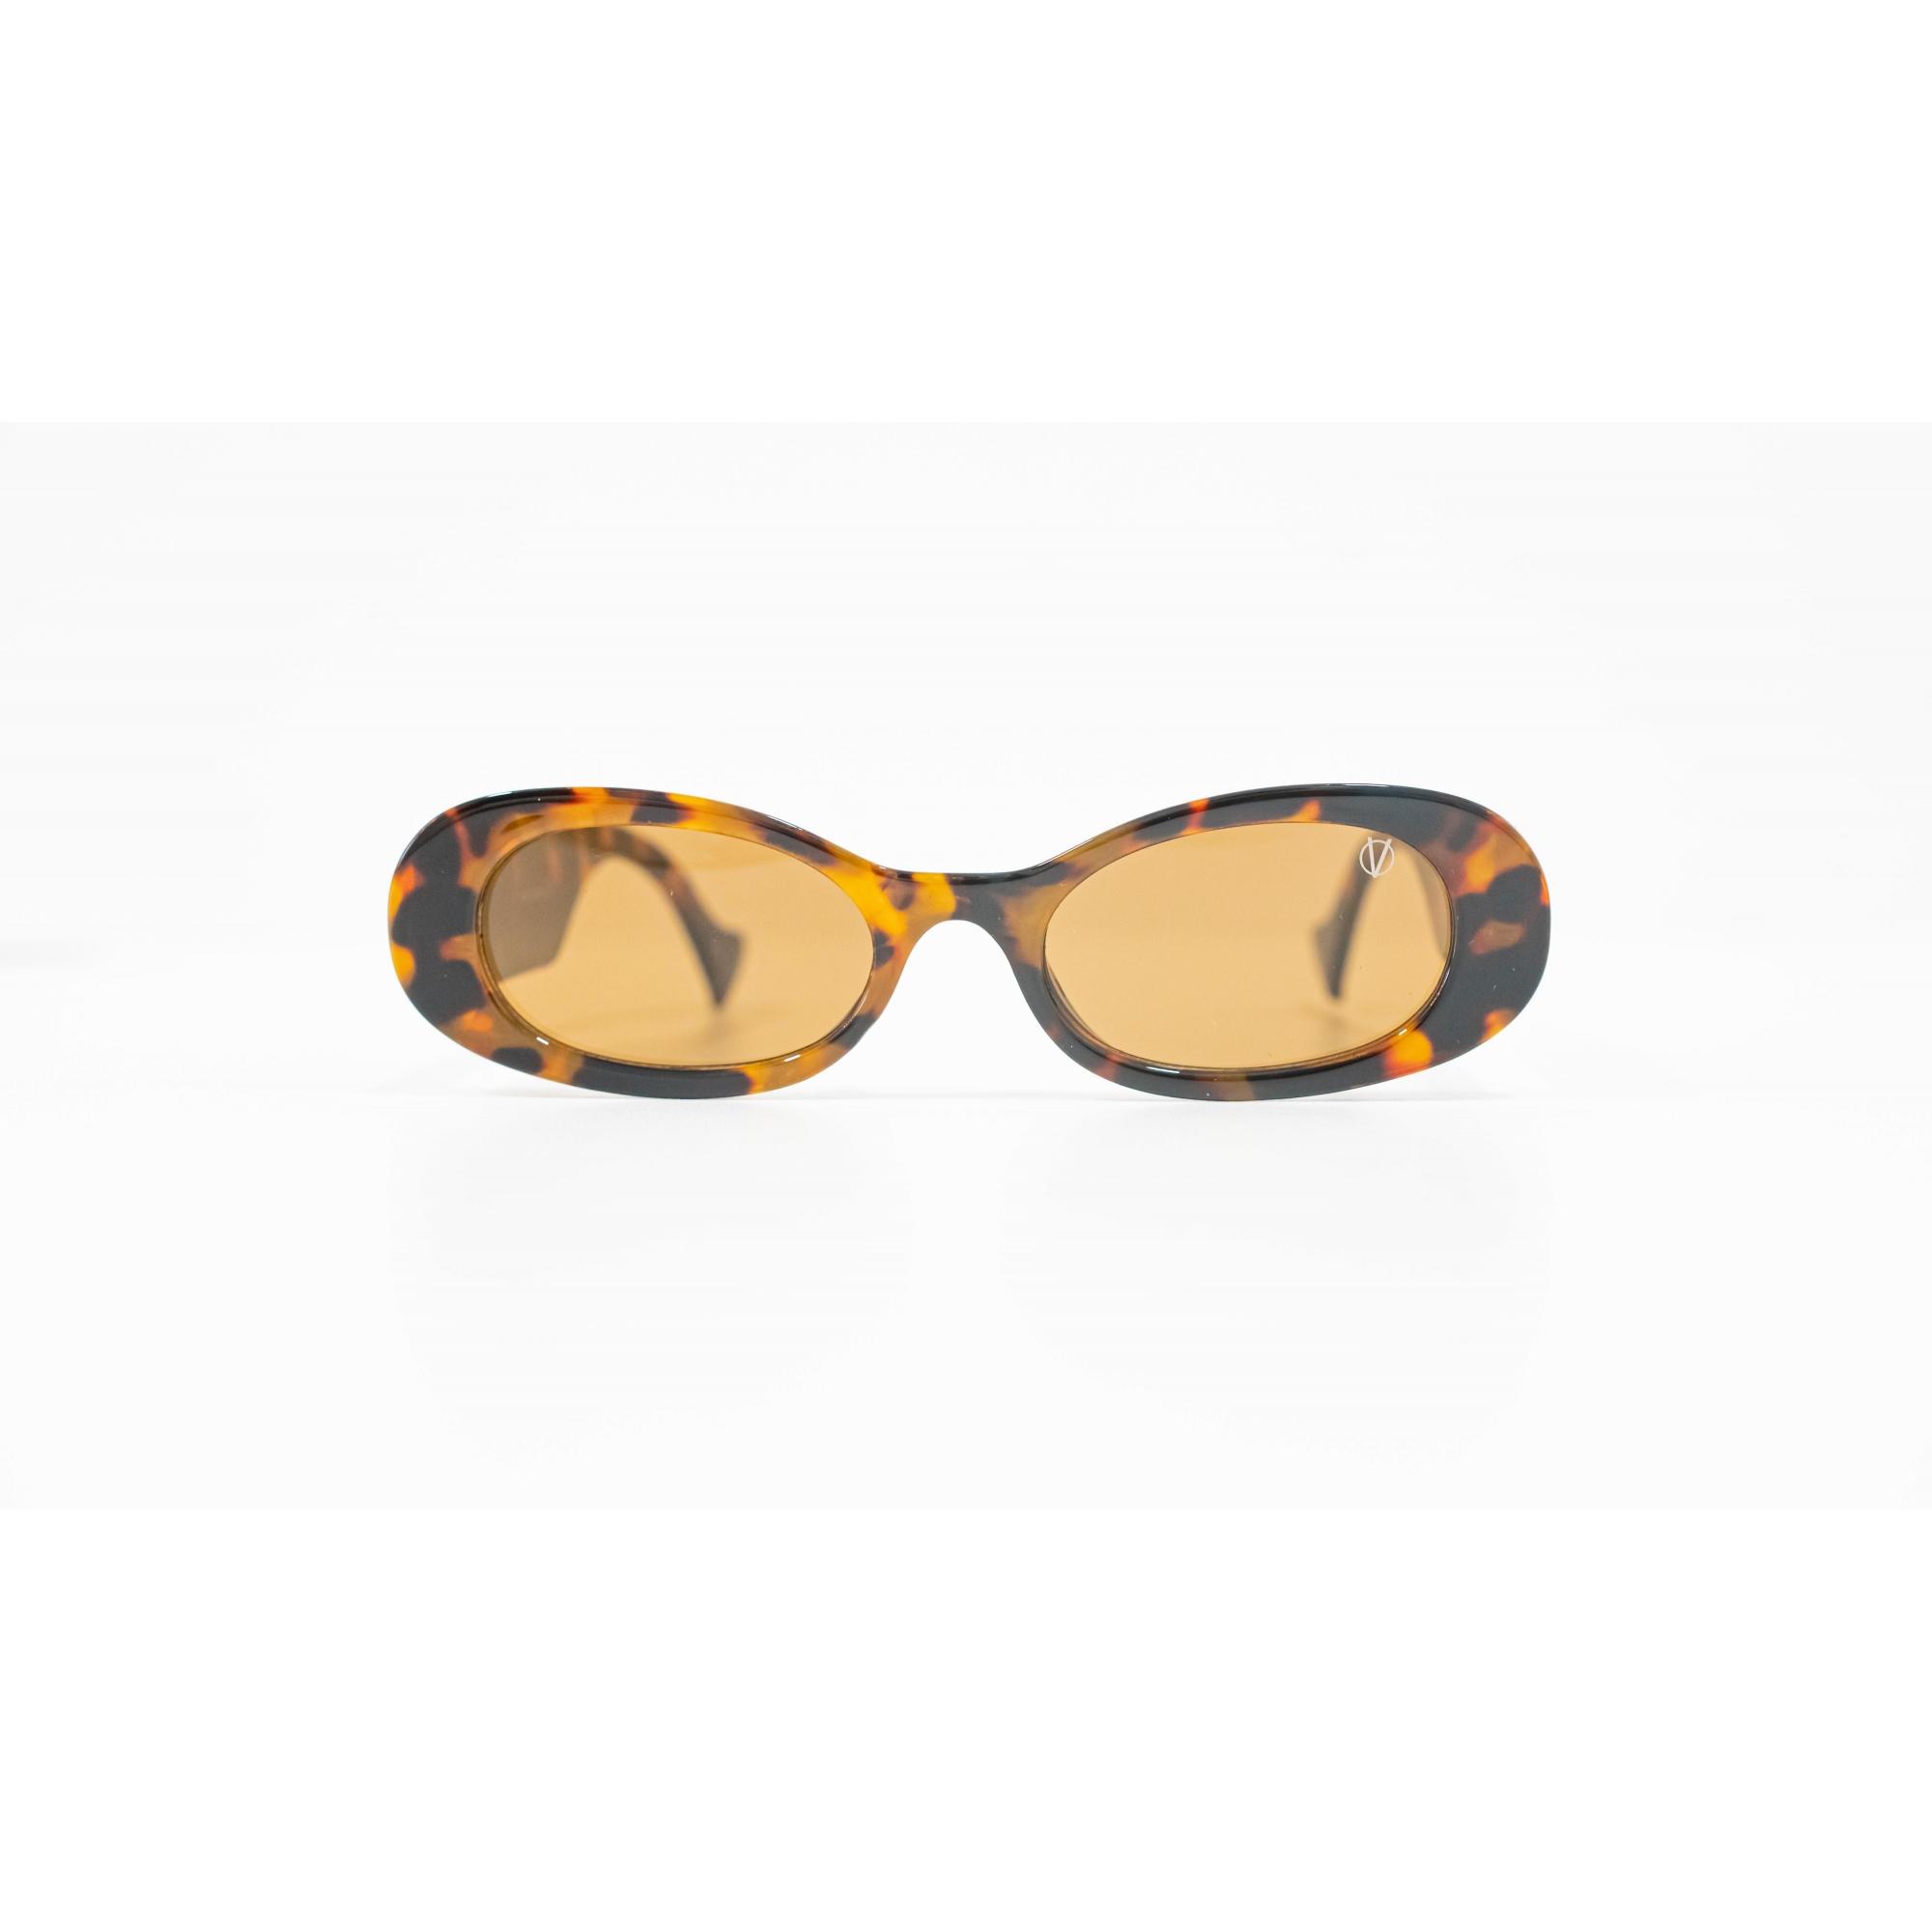 Óculos Vistta Aping Retrô LQ9001 C3 51 Tartaruga